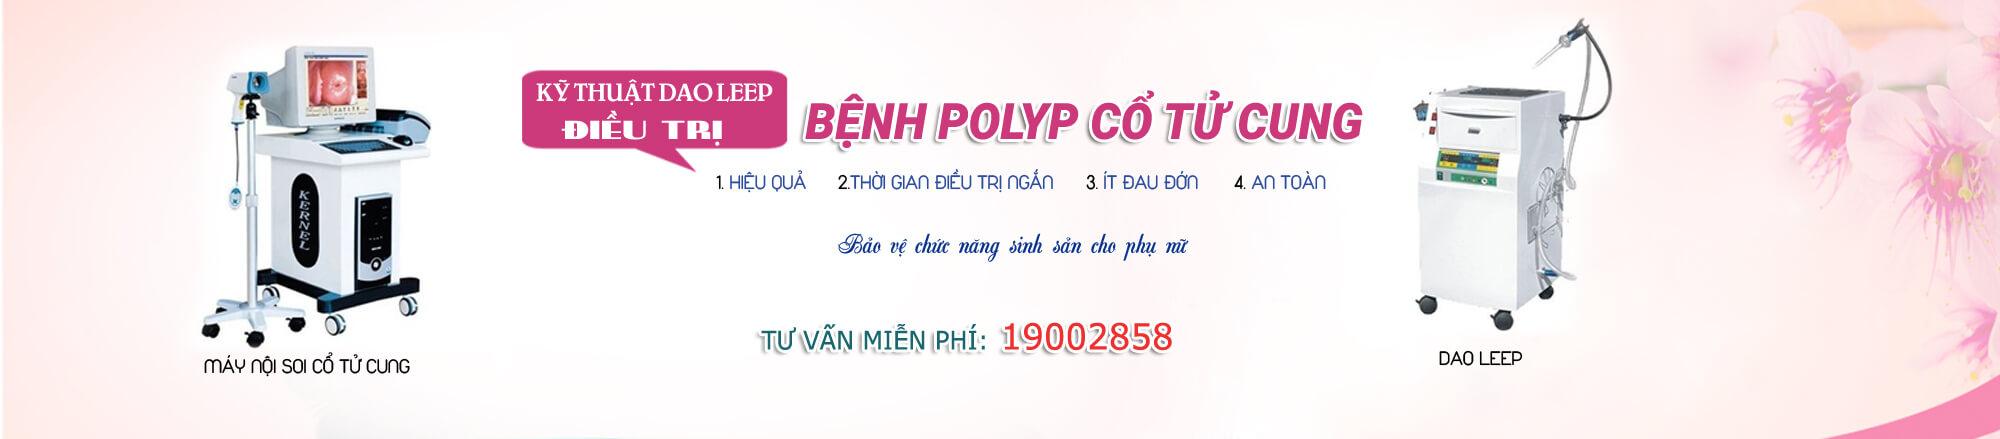 Bệnh Polyp cổ tử cung